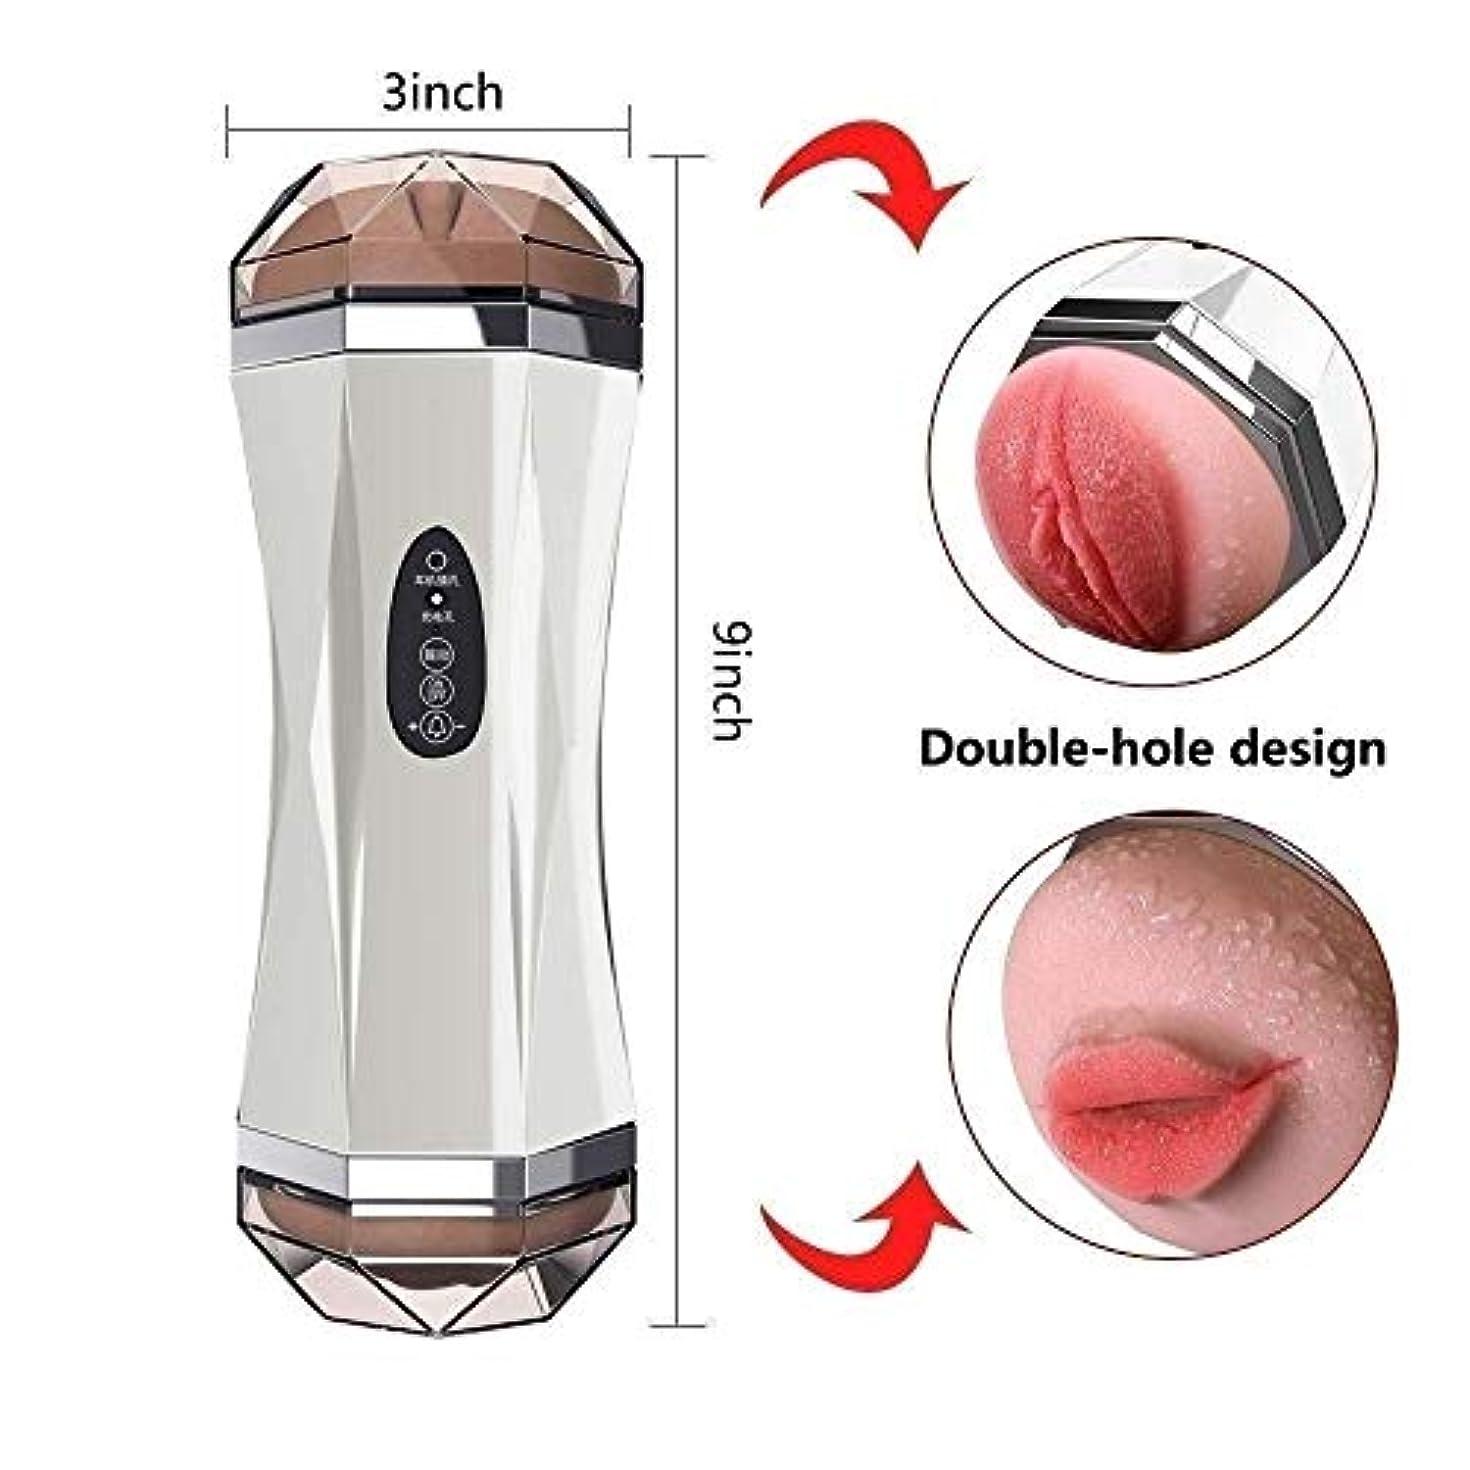 非アクティブところでトークンRisareyi 強力な振動モードを備えた男性用自動吸盤2 in 1インテリジェントヘッドフォンモードマスタベーションデバイスUSB充電スポーツ用品